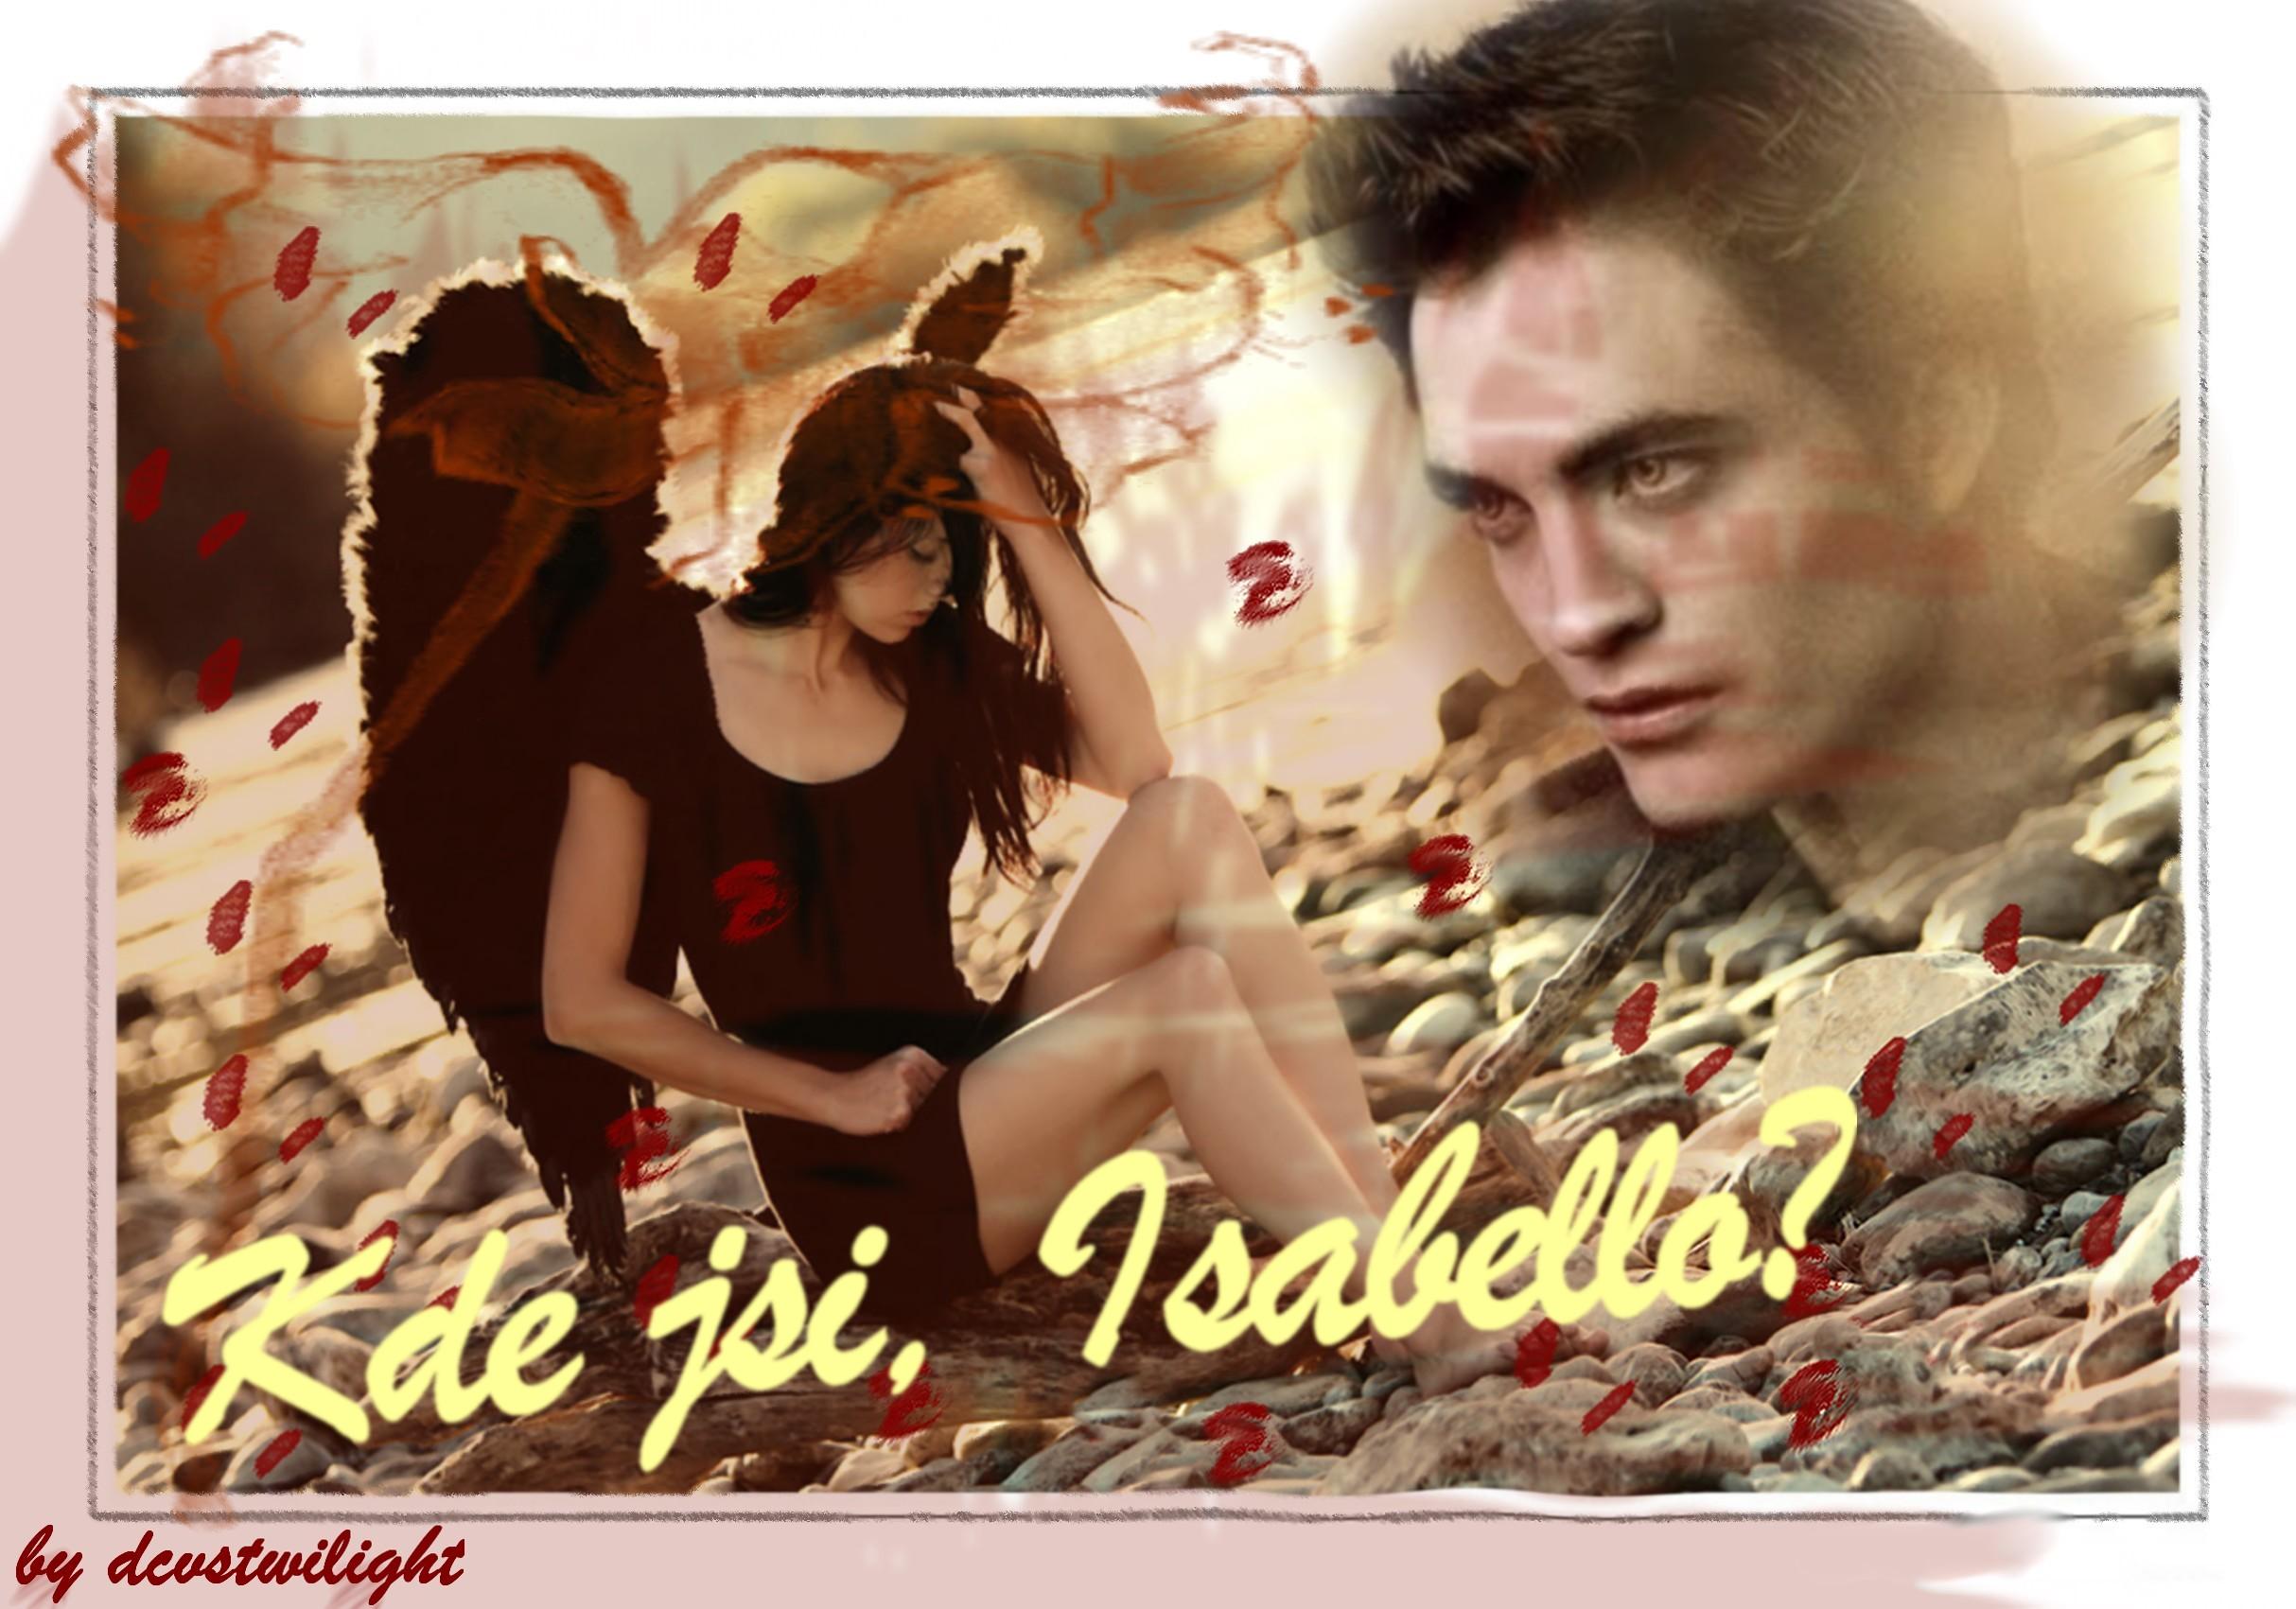 Kde jsi, Isabello?